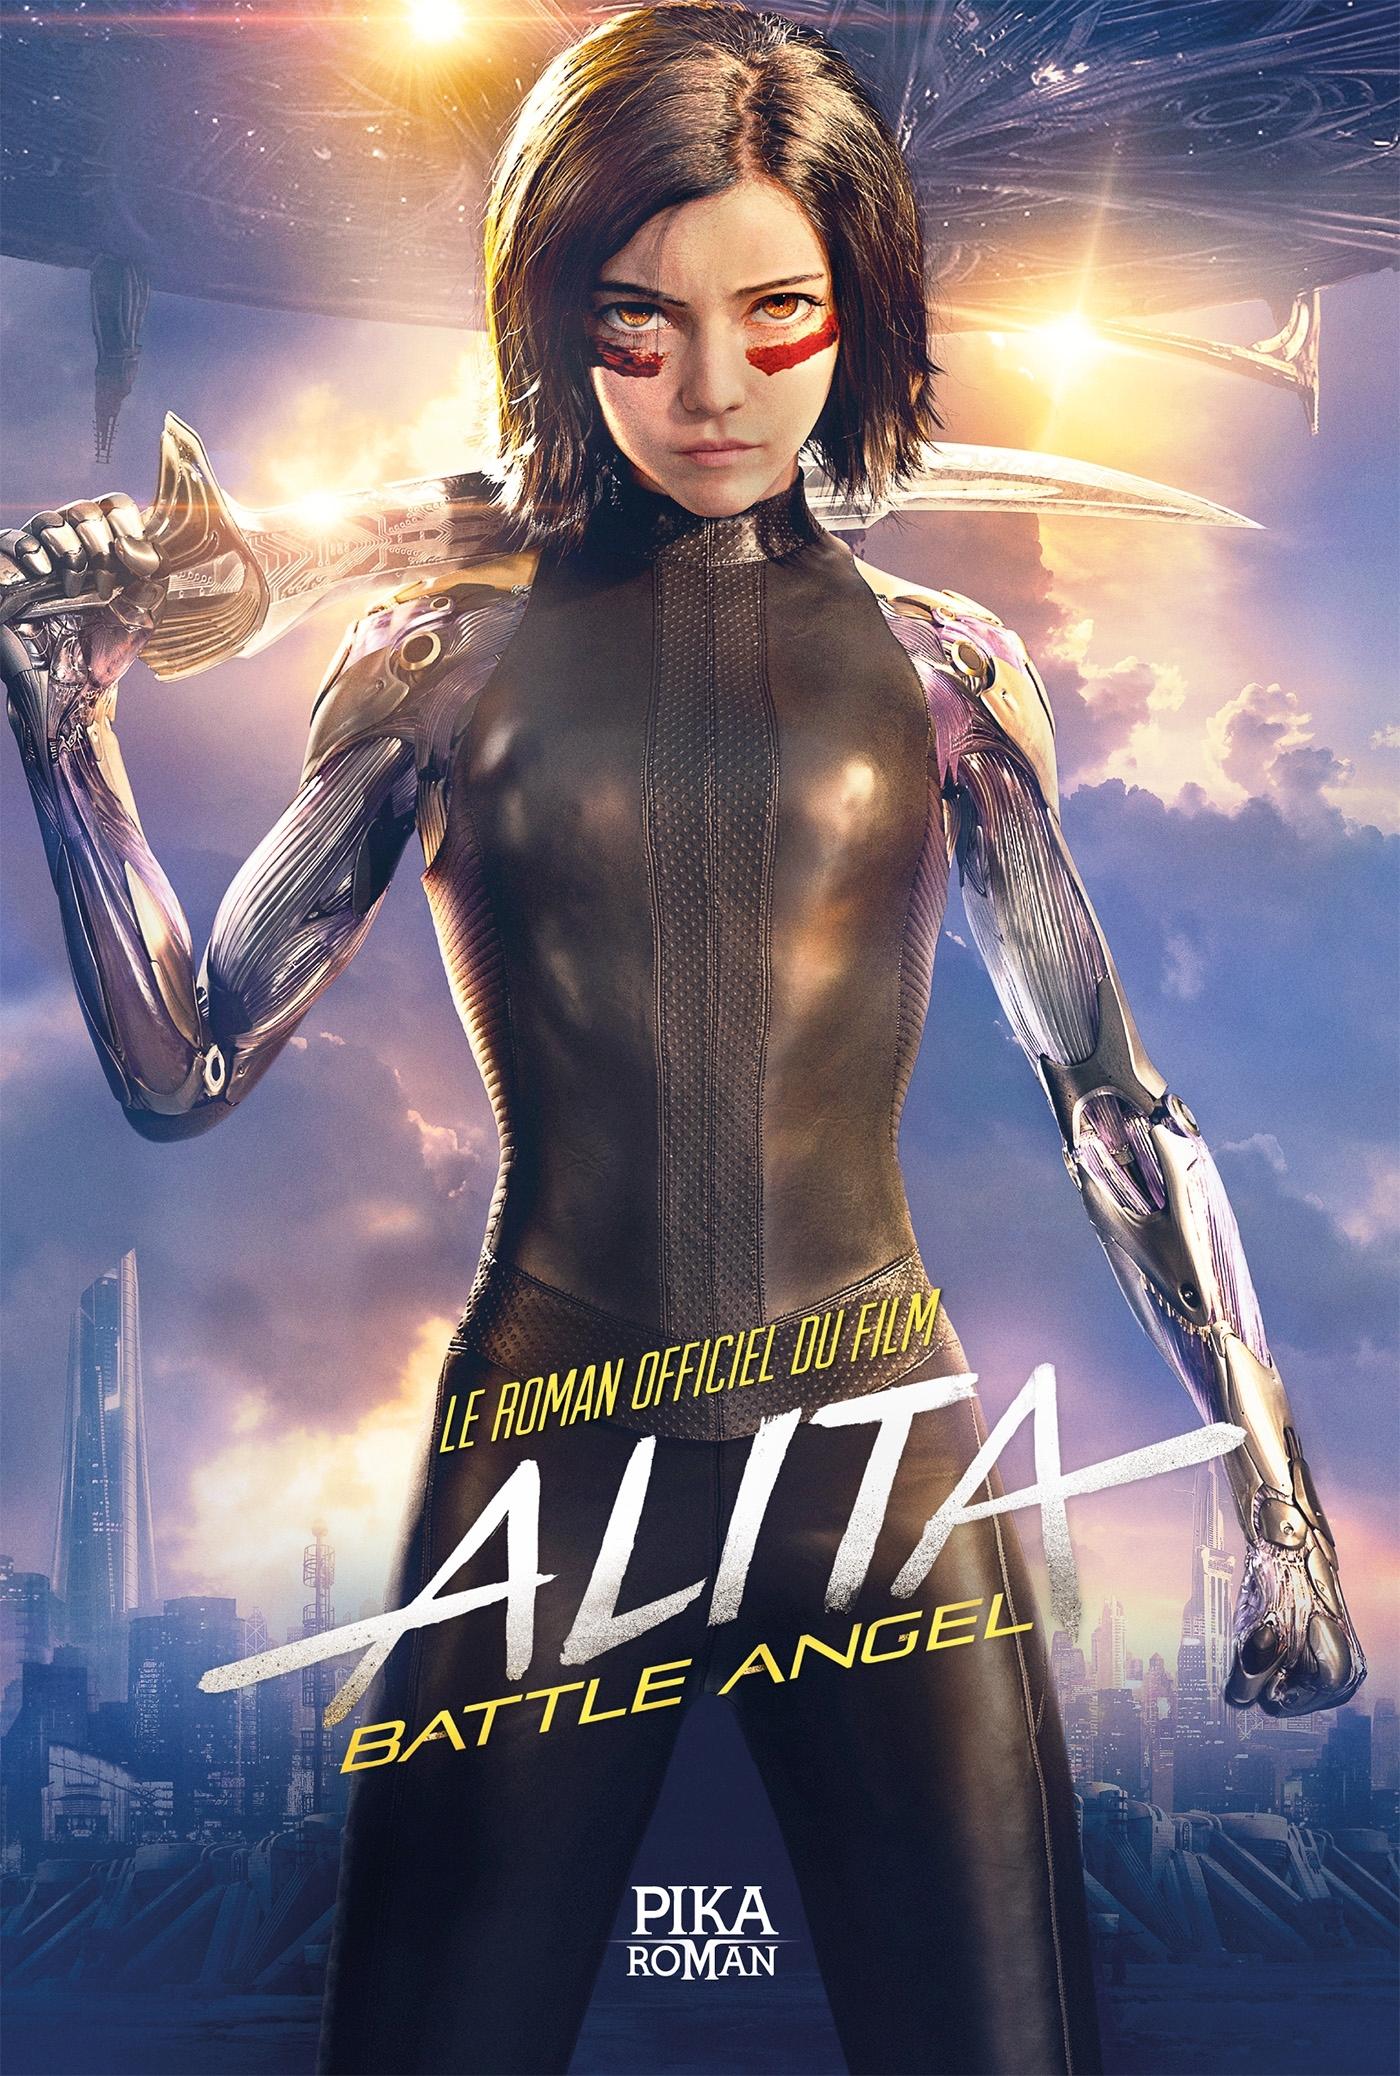 ALITA: BATTLE ANGEL - LE ROMAN OFFICIEL DU FILM